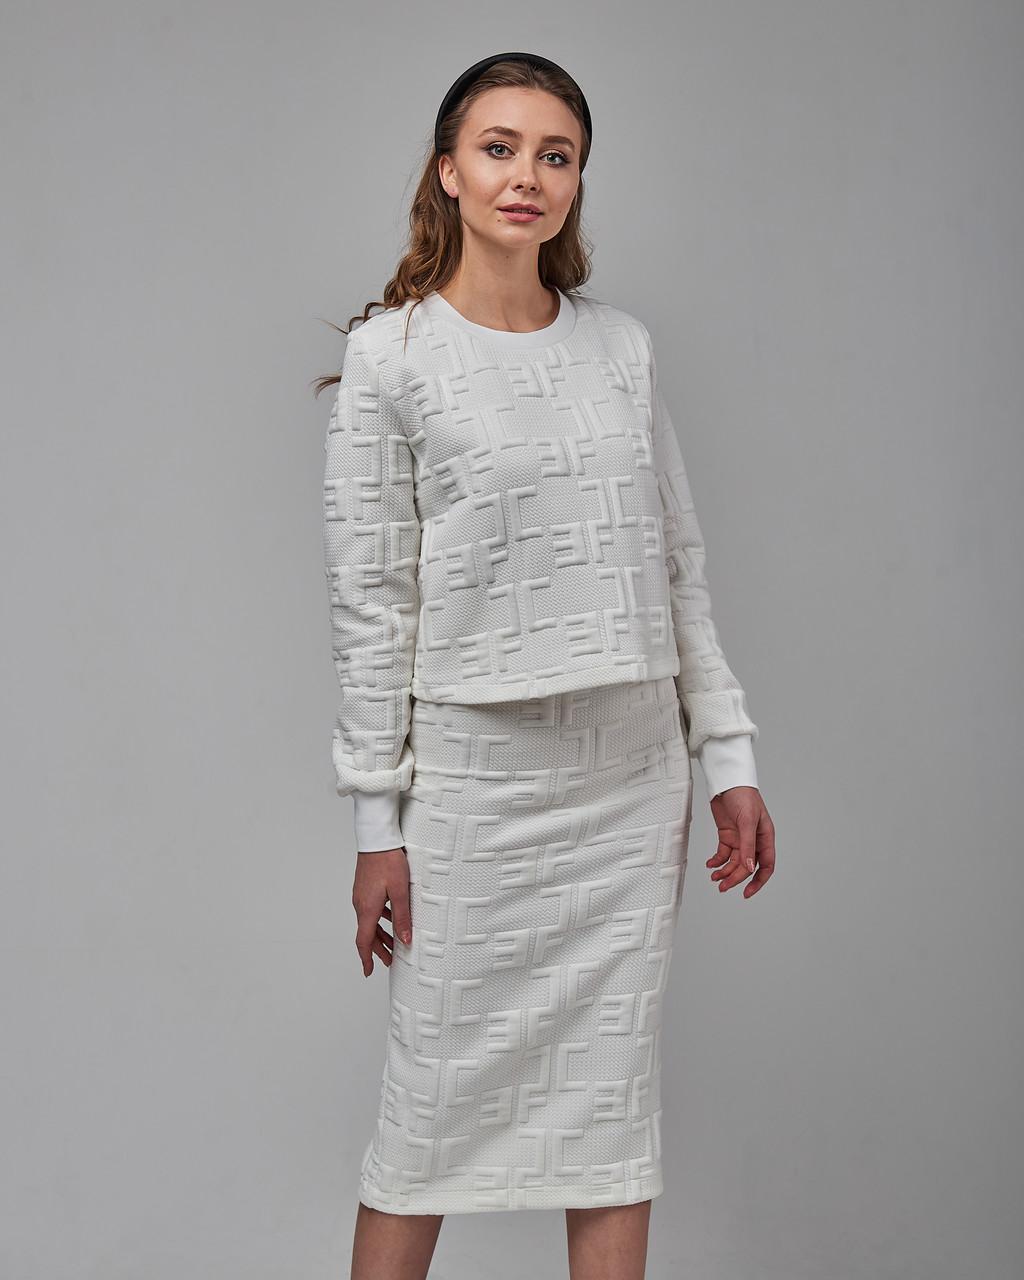 Трендовый теплый женский костюм двойка (кофта и юбка). Турция